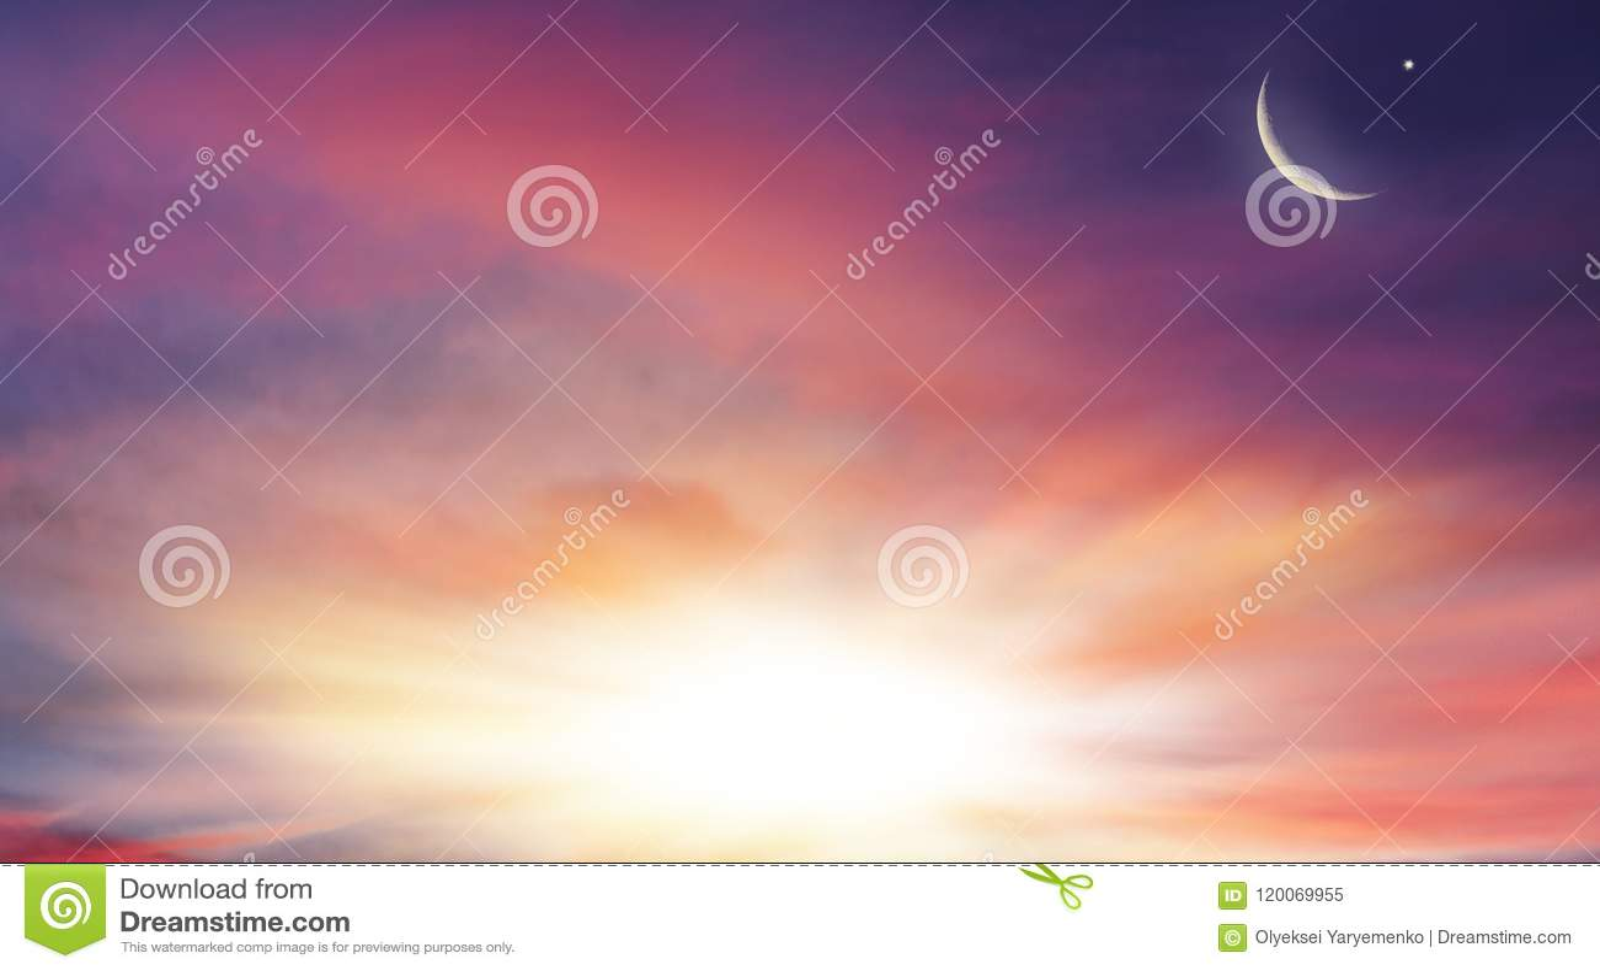 Sunrise . Light from sky . Religion background .